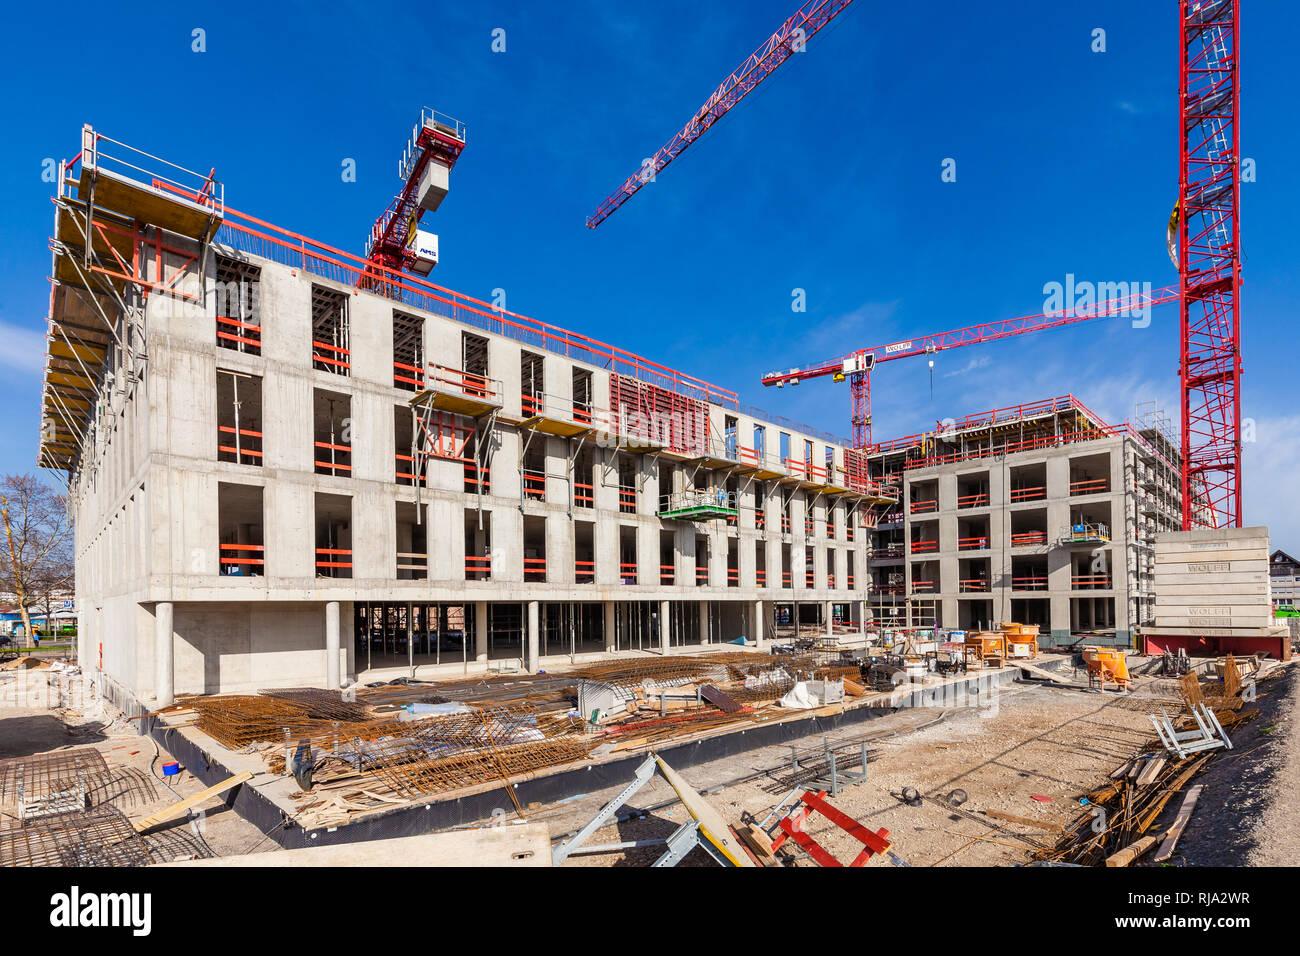 Deutschland, Baden-Württemberg, Stuttgart, Bad Cannstatt, Neckarpark, Neubau Bürogebäude - Stock Image